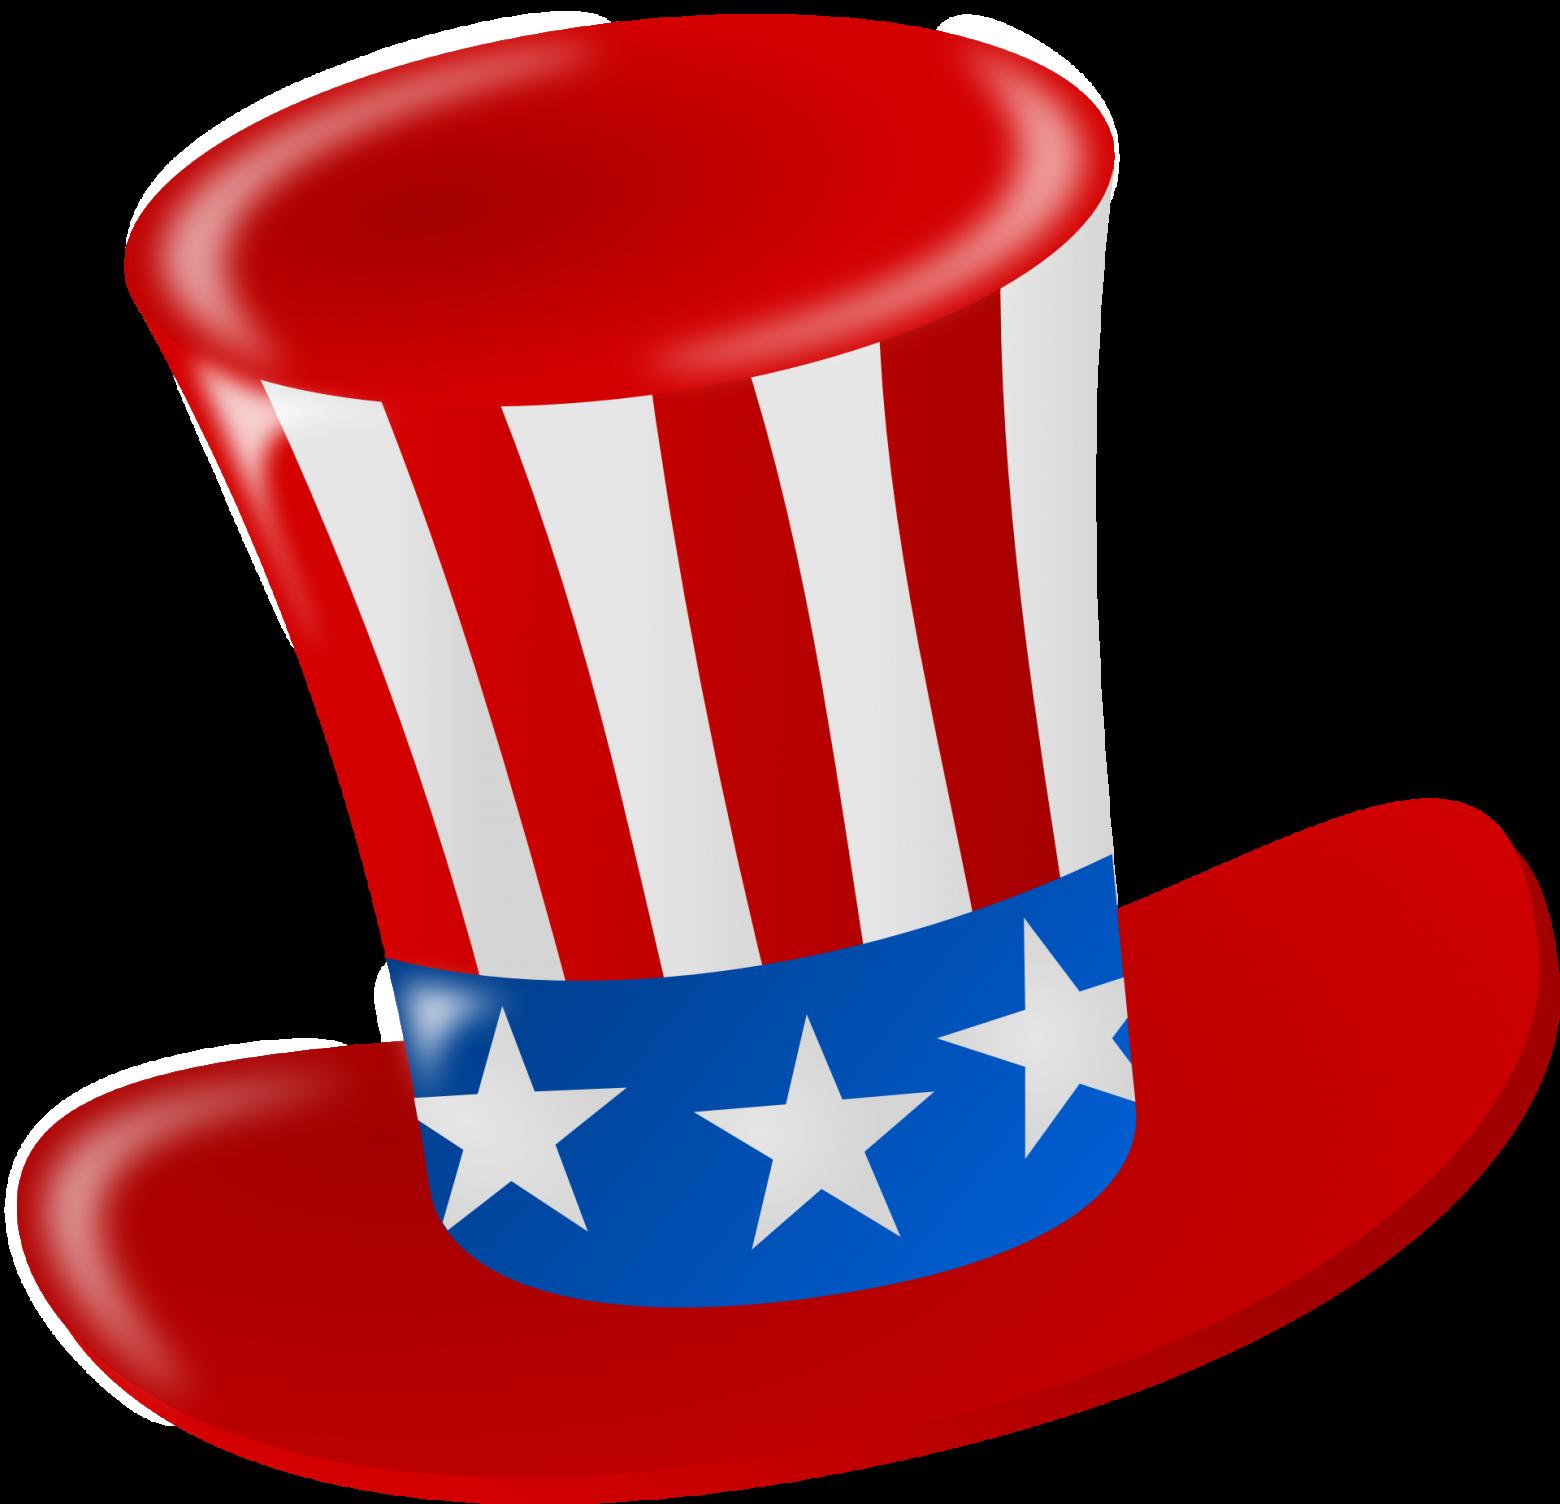 hat-157980